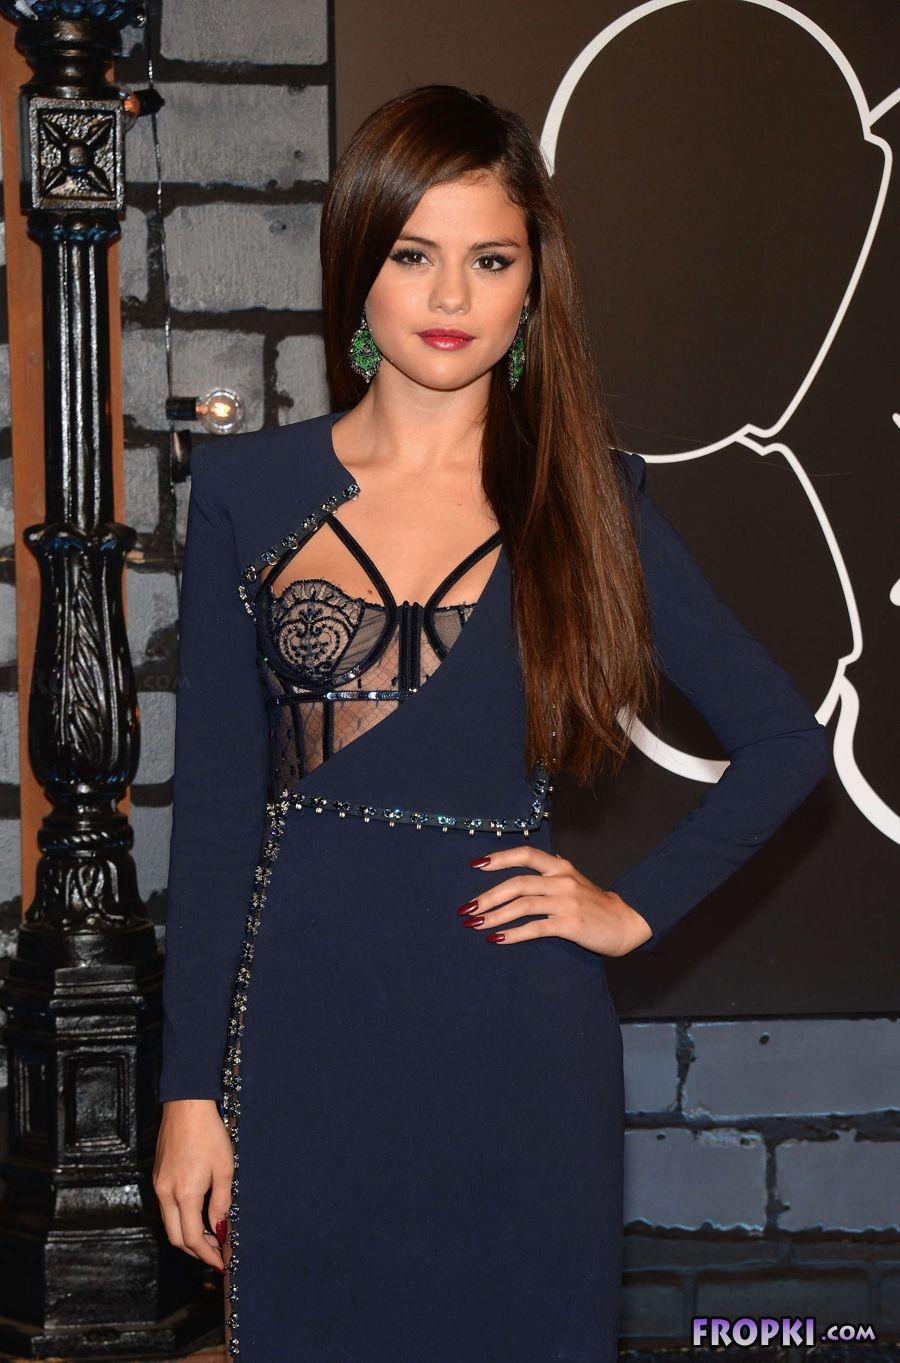 Selena Gomez - 2013 MTV Video Music Awards in NY AcvZisjn